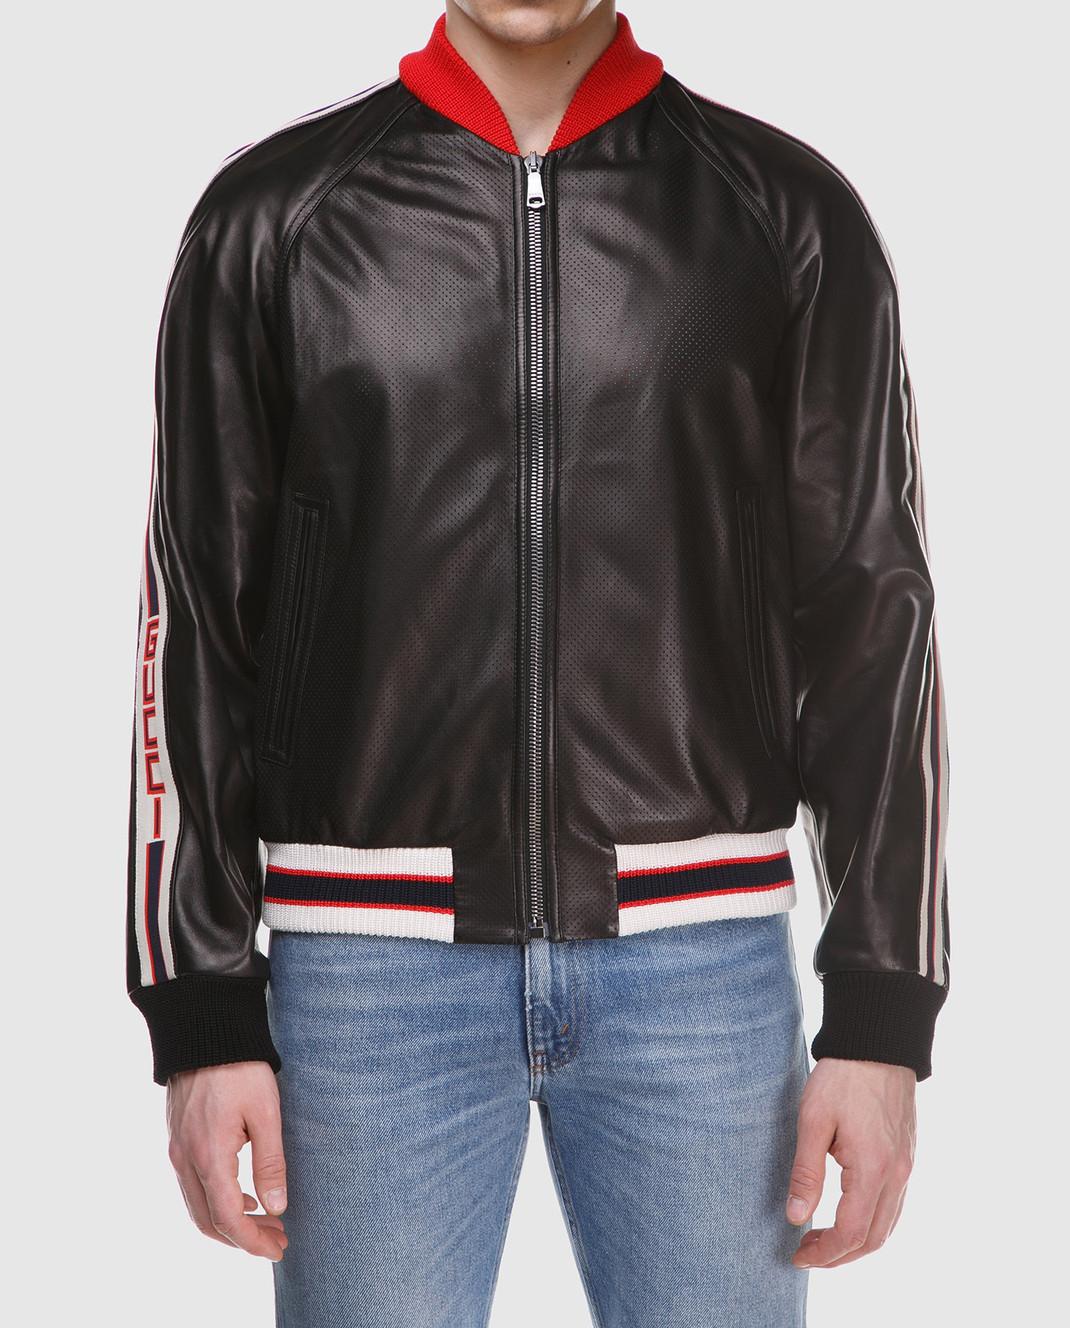 Gucci Коричневый кожаный бомбер 501174 изображение 3